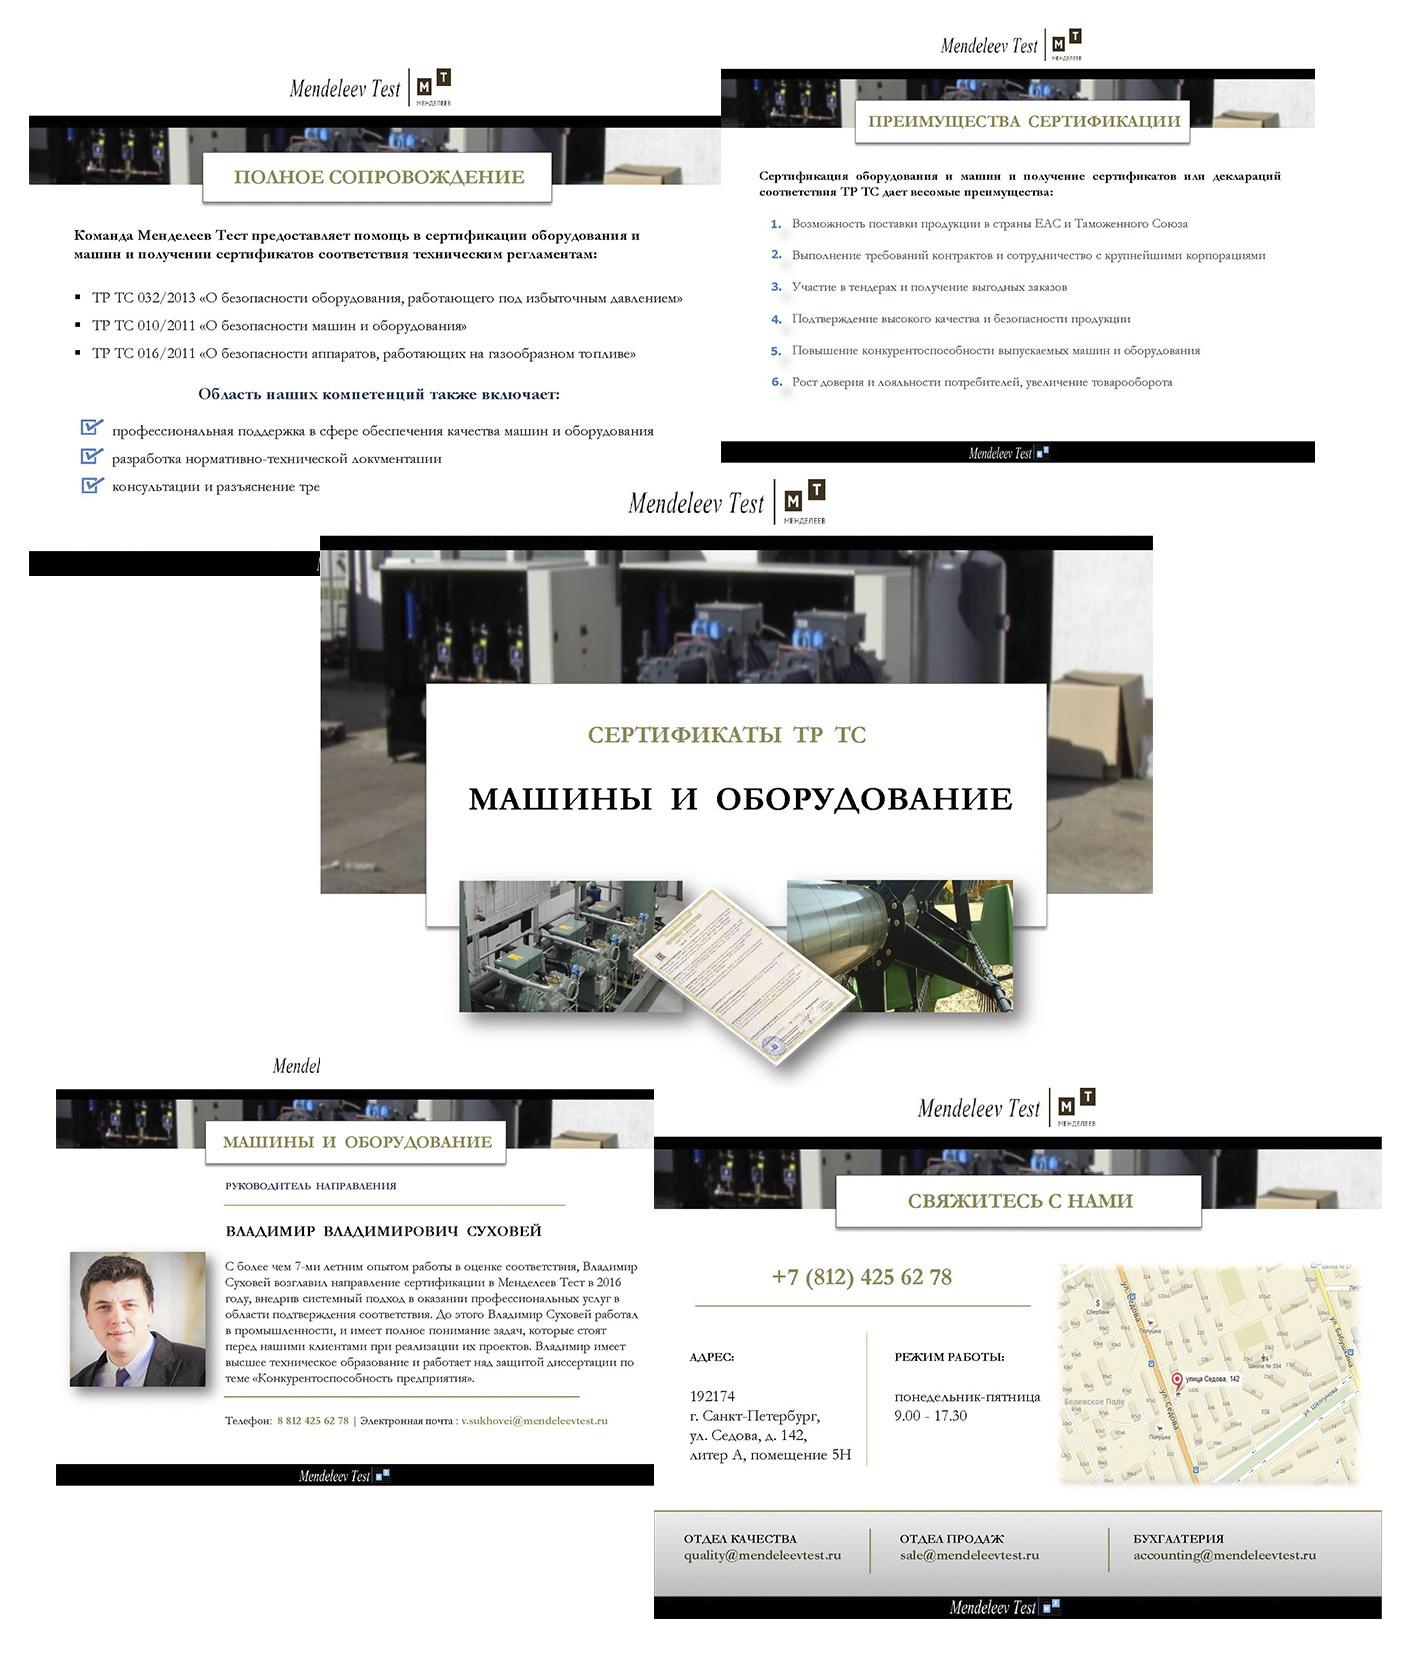 Сертификация машин и оборудования